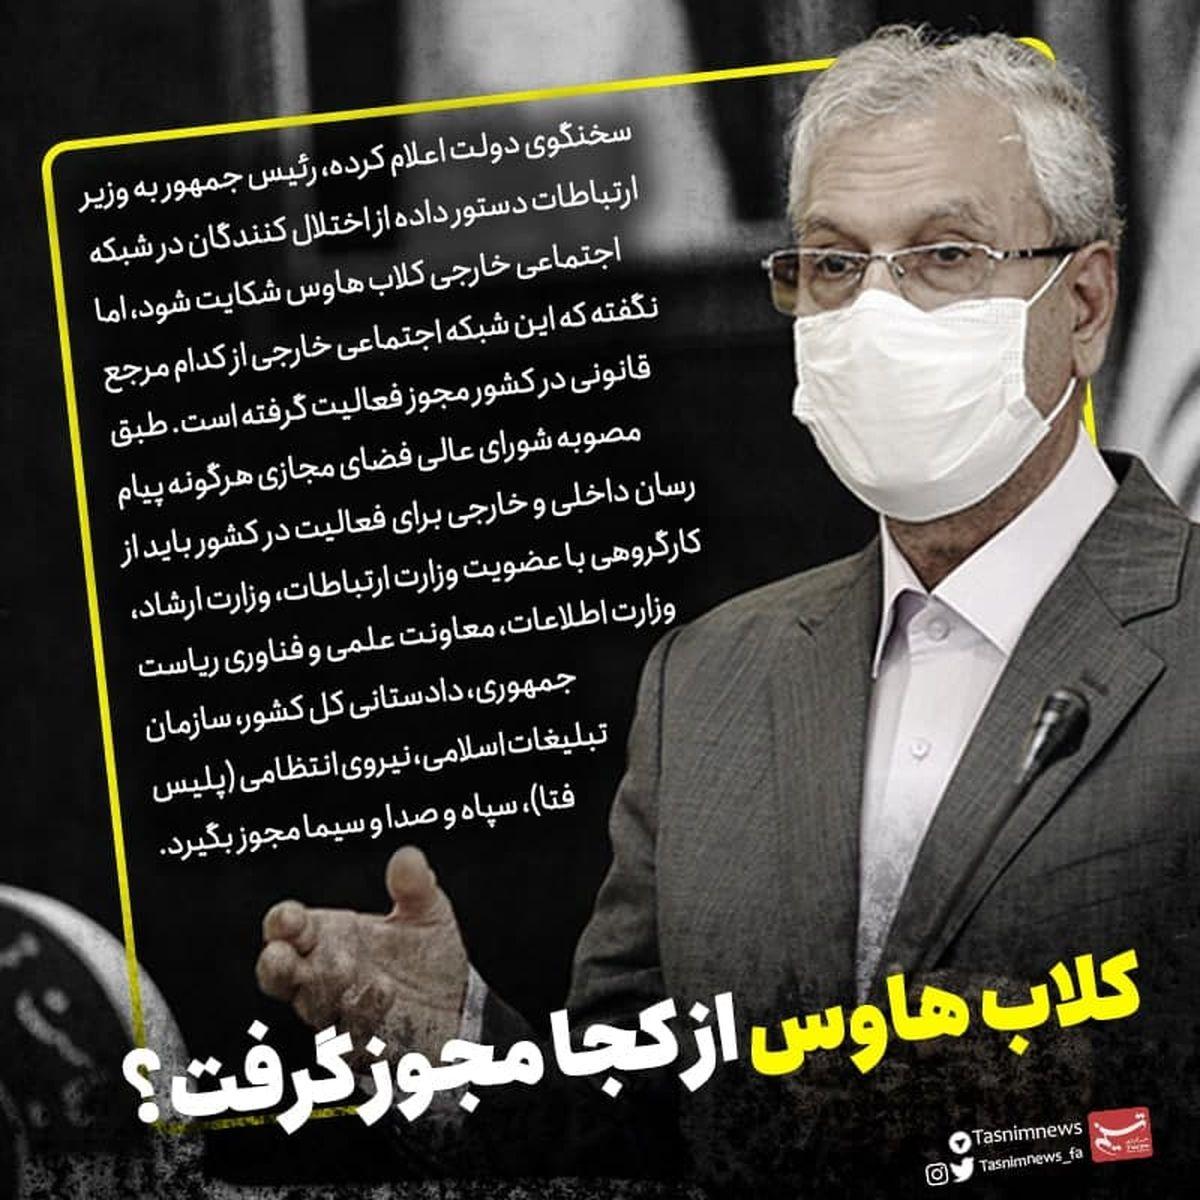 کلاب هاوس برای فعالیت در ایران از کجا مجوز گرفته؟